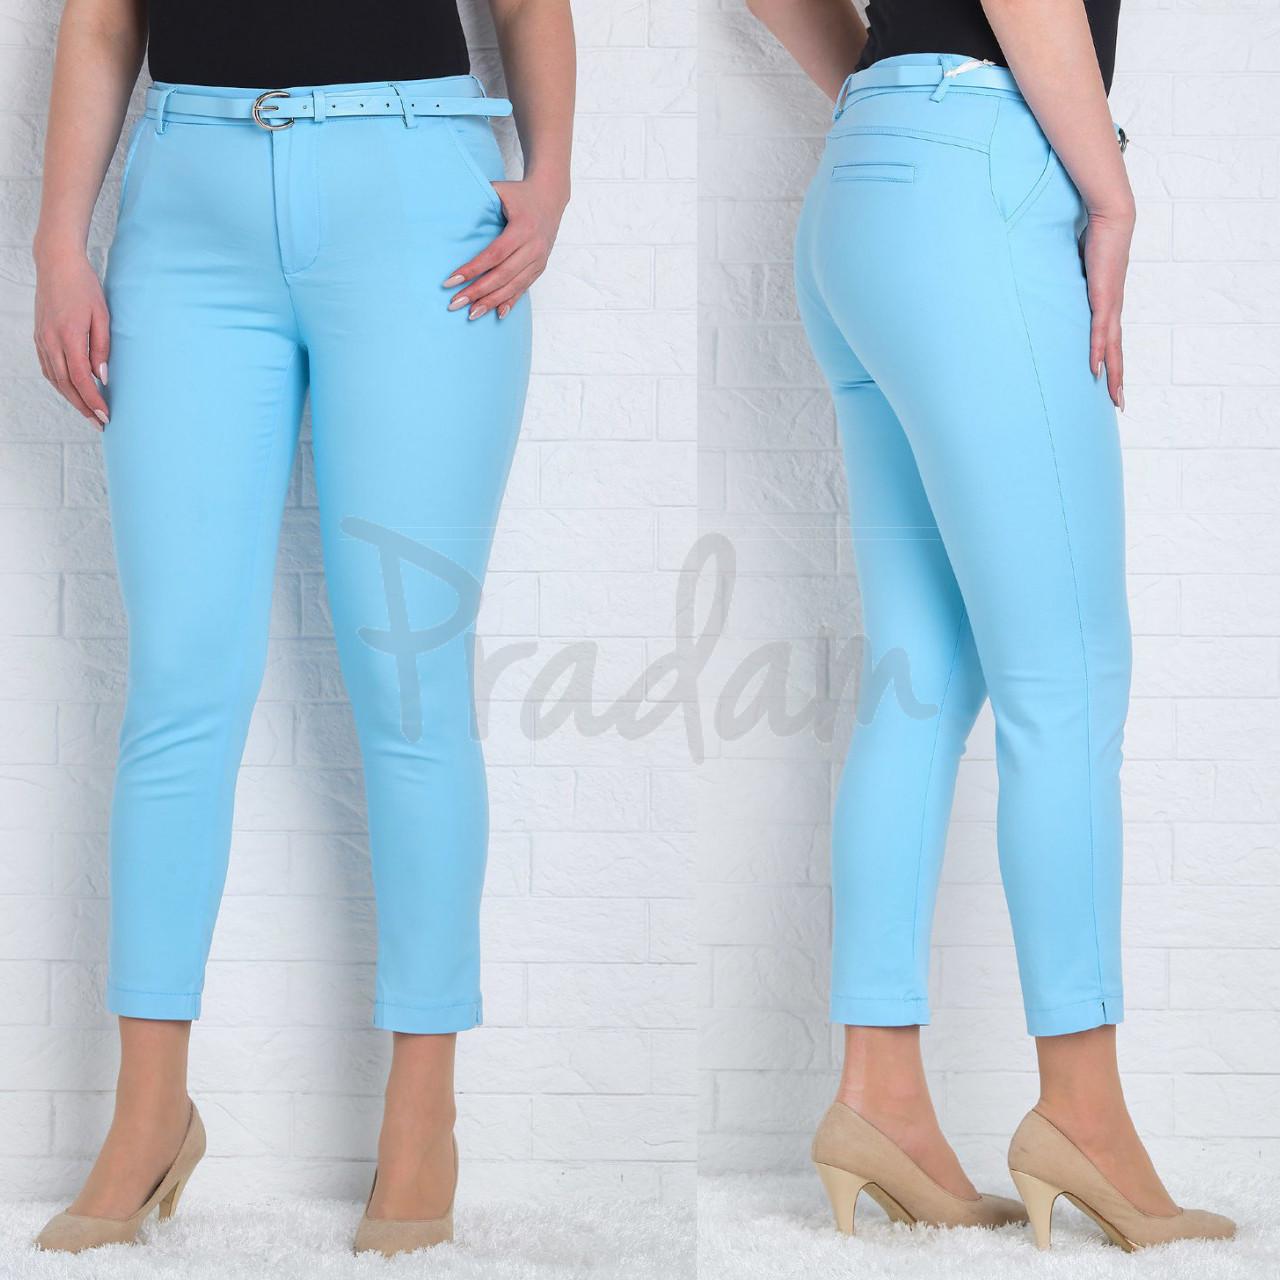 9785-I (GS9785I) Moon girl брюки женские батальные 7/8 голубые весенние стрейчевые (30-38, 12 ед.)